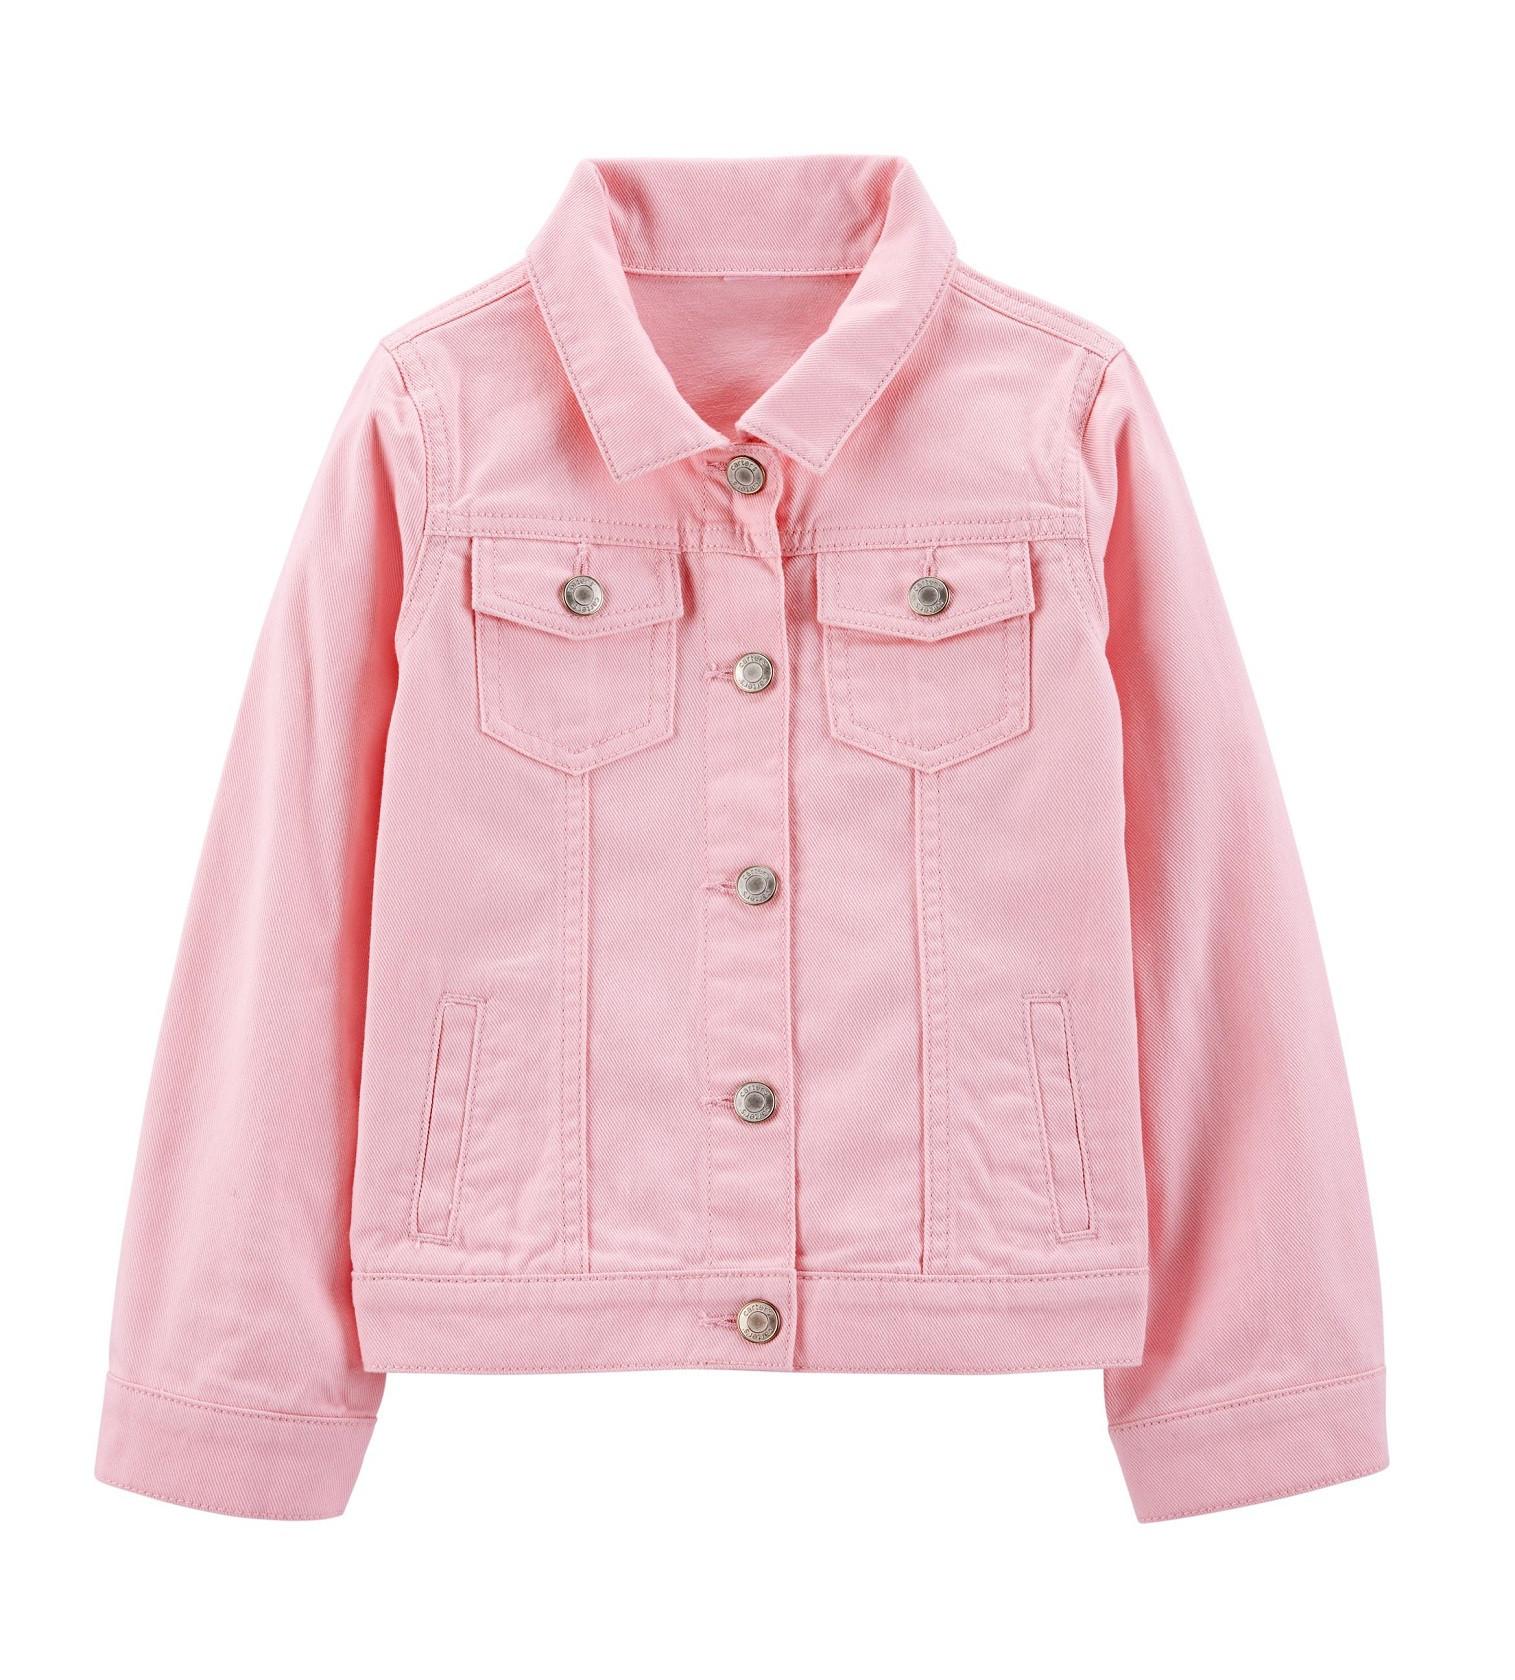 Купити Джинсова куртка Carters Pink - фото 1